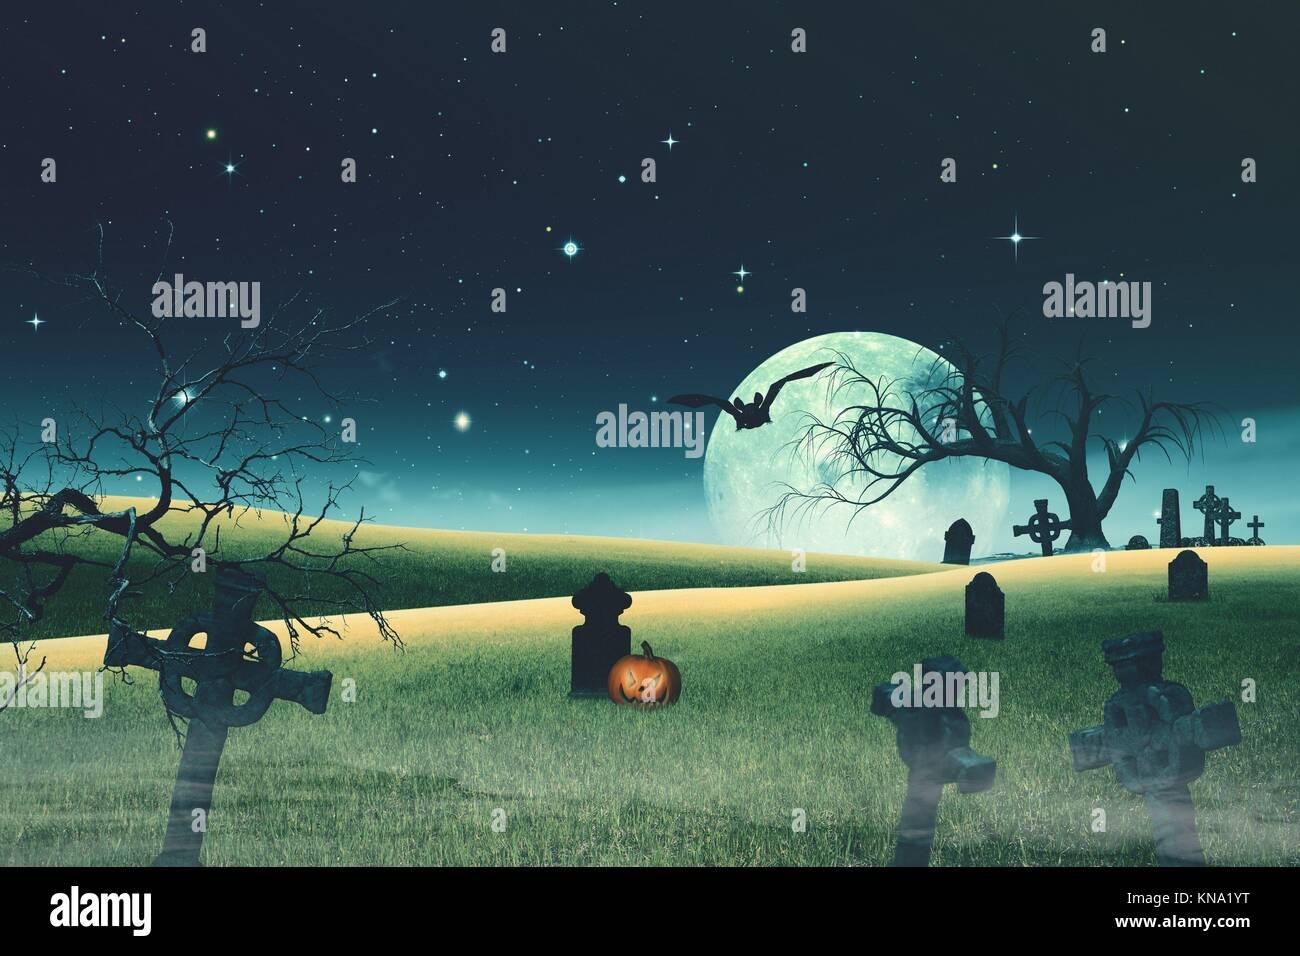 Gli sfondi di Halloween con spooky cimitero e zucca. Immagini Stock